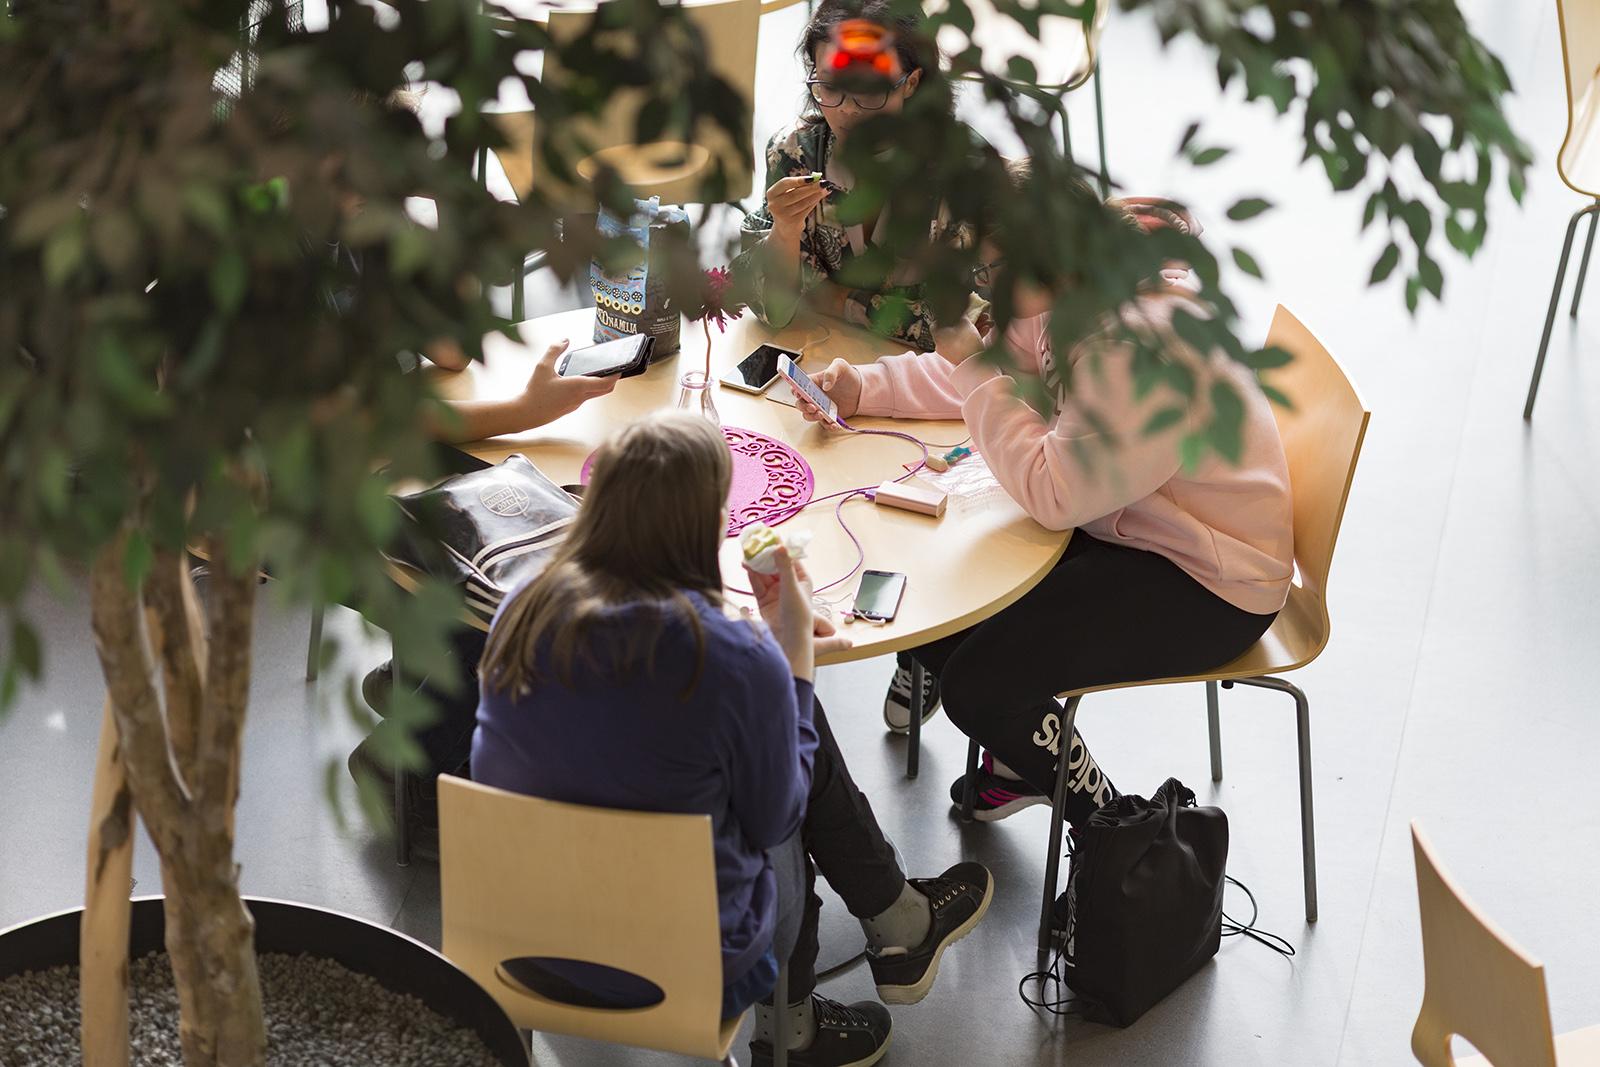 Opiskelijoita pöydän ääressä välipalalla, yläviistosta etäältä kuvattuna.